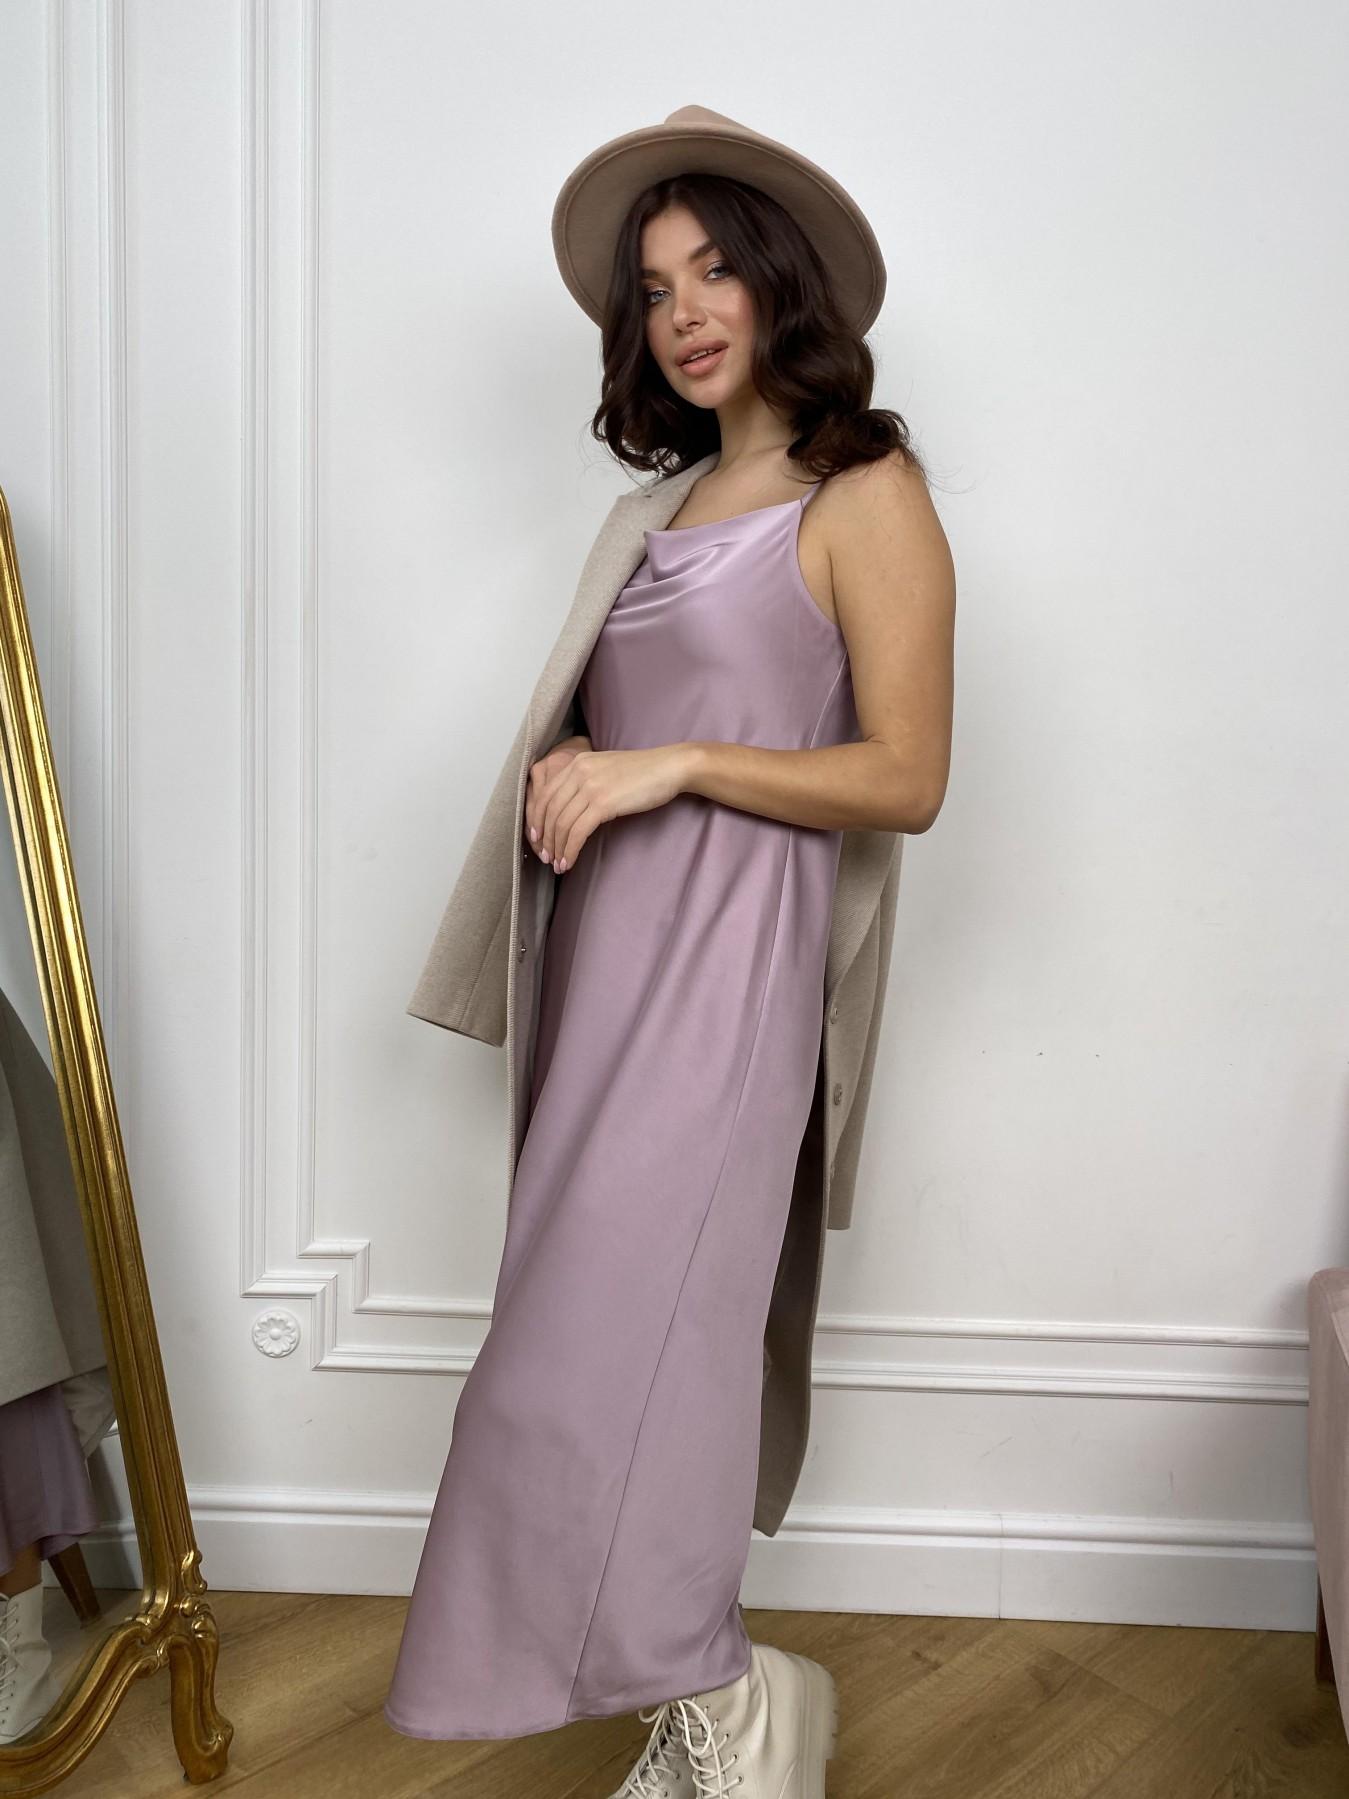 Камая Лайт платье из шелка 10611 АРТ. 46985 Цвет: Пудра - фото 1, интернет магазин tm-modus.ru